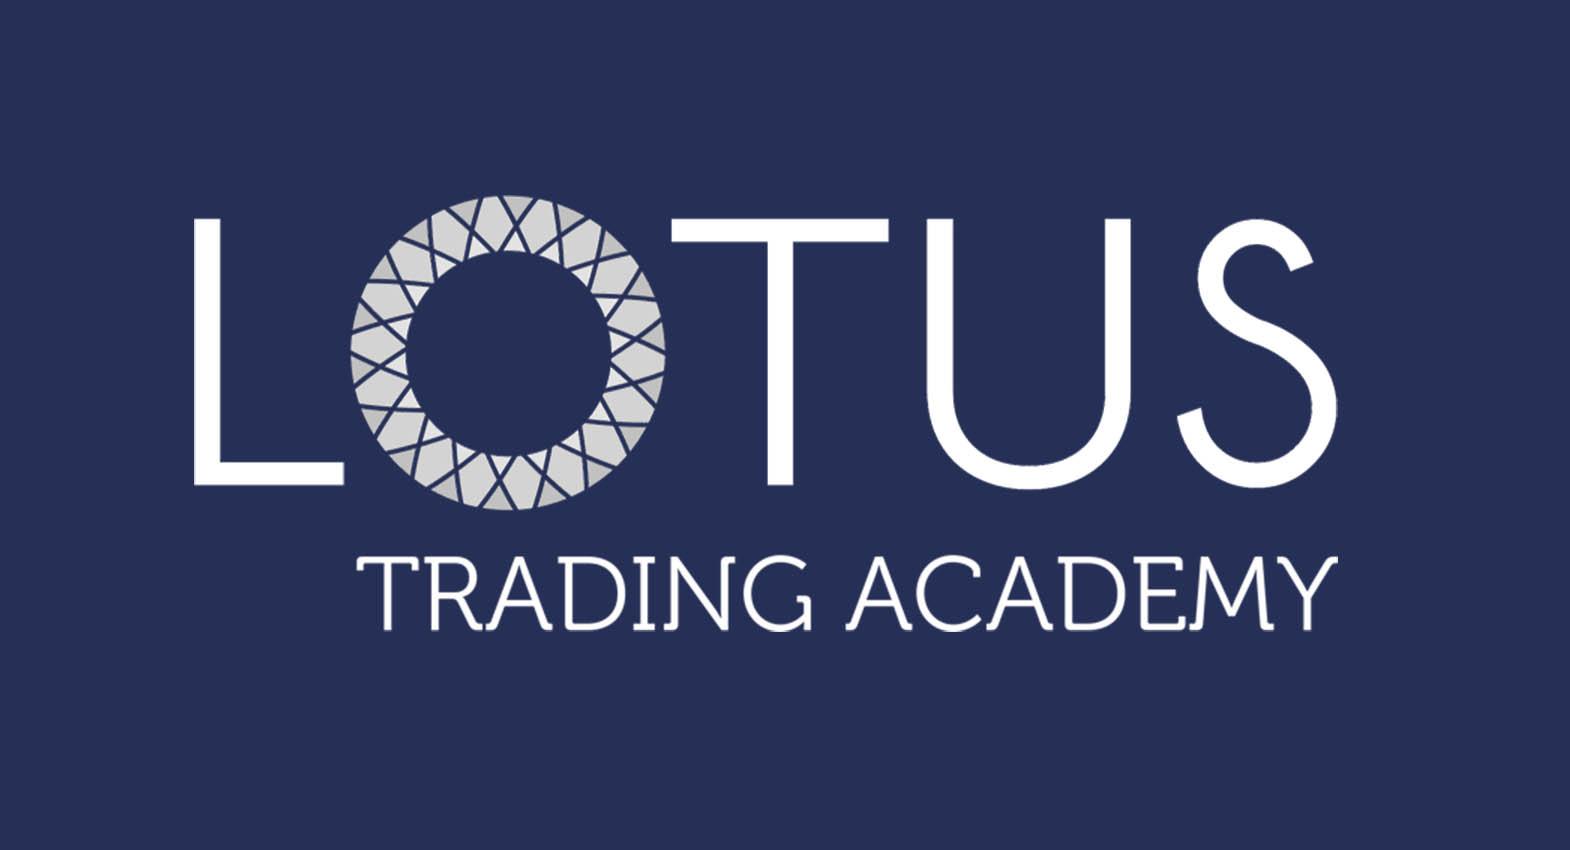 Academia de trading logo